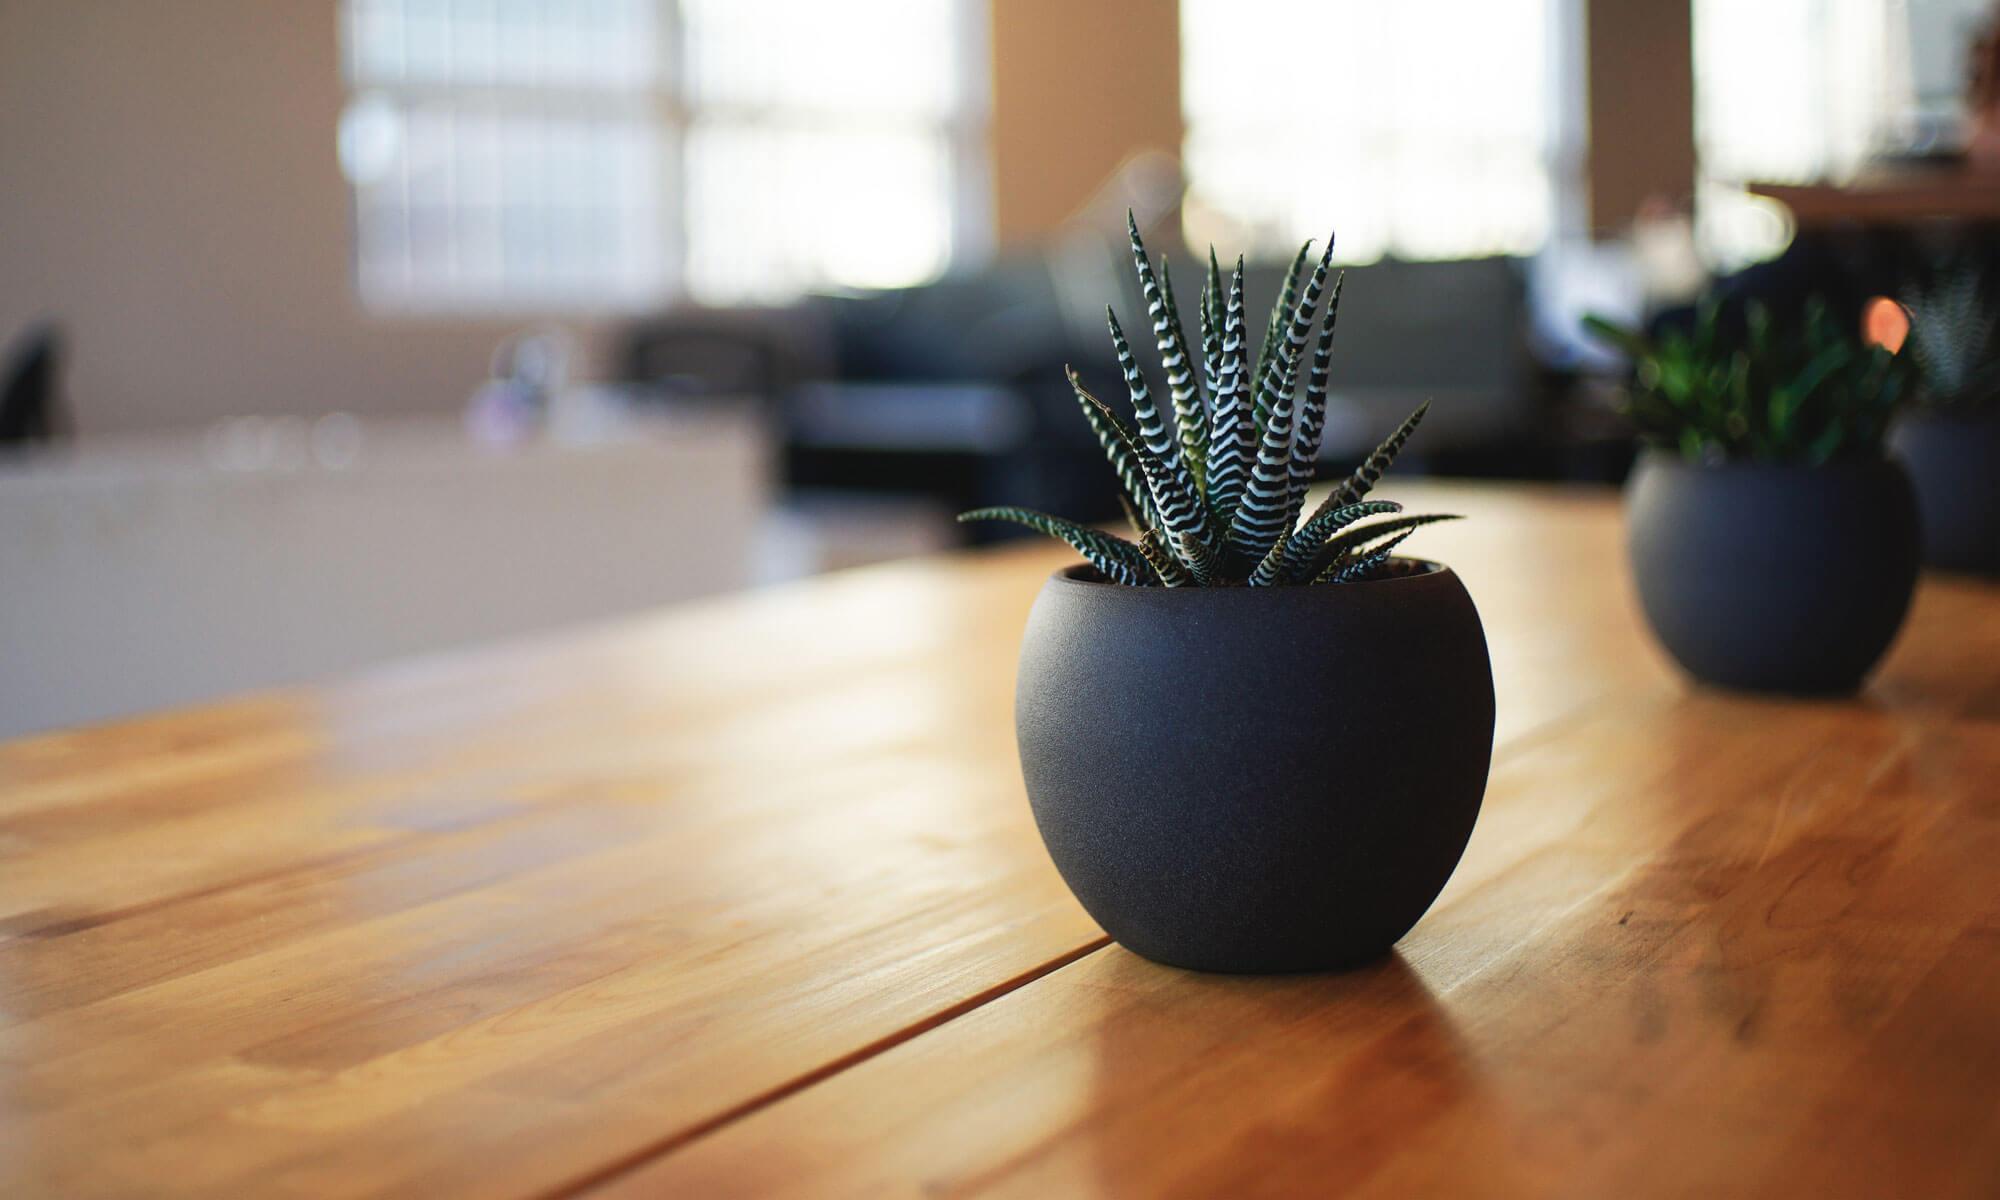 فروشگاه خرید اینترنتی پکیج های دمنوش های لاغری و گیاهی|09397795970